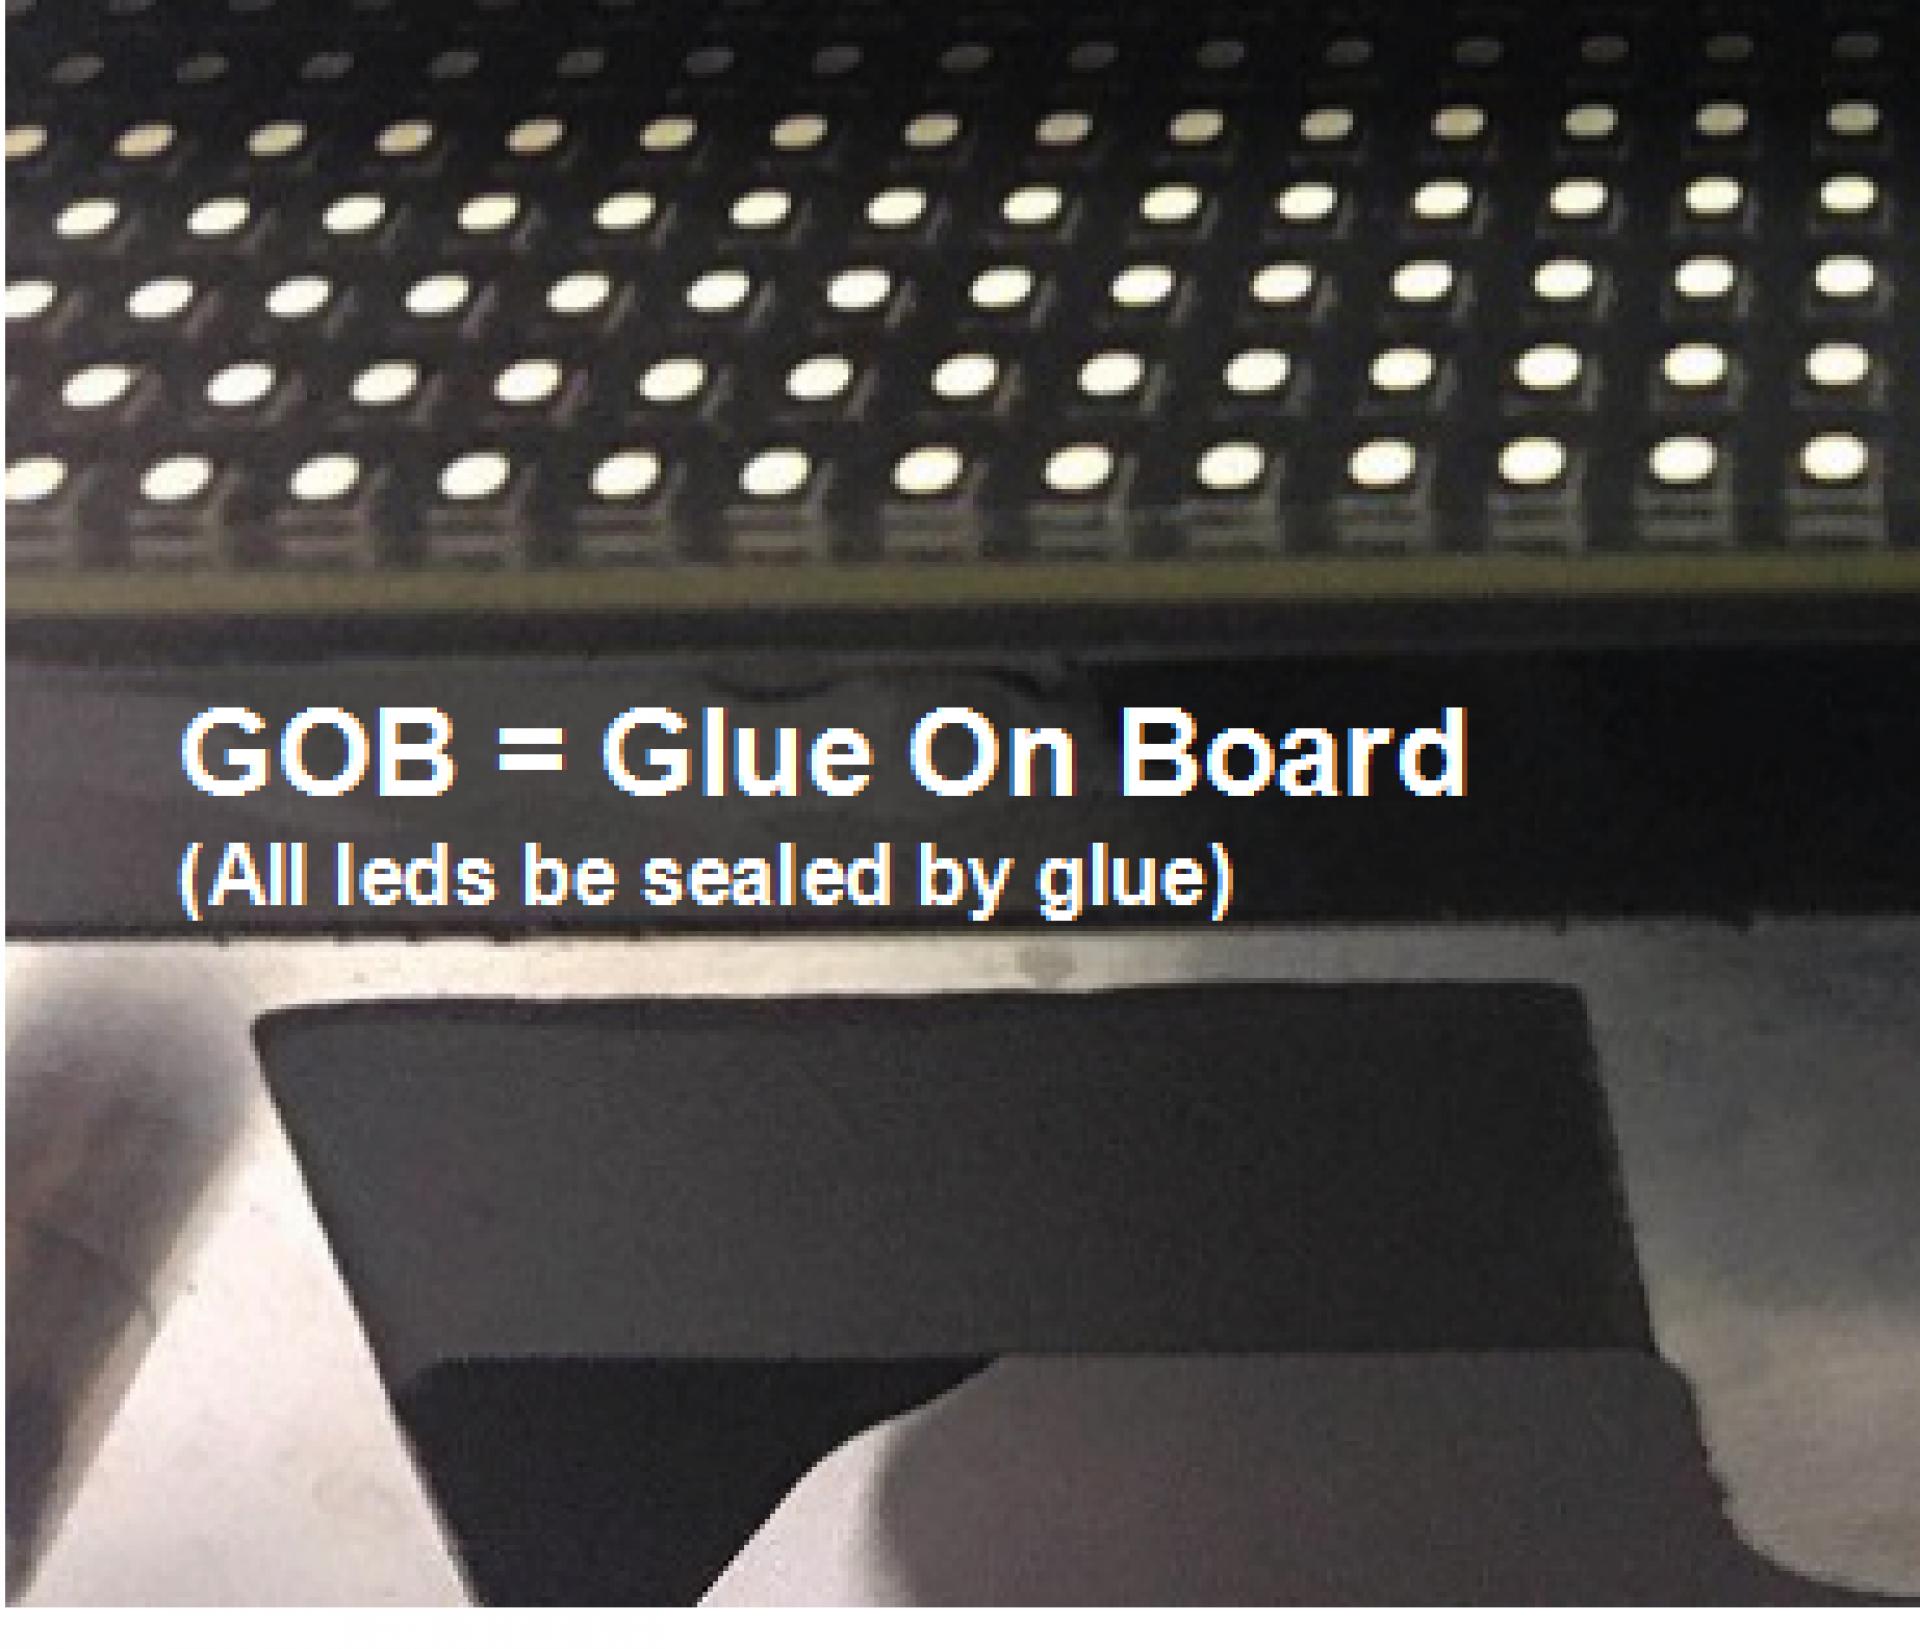 Glue Technology: GOB Glue on Board